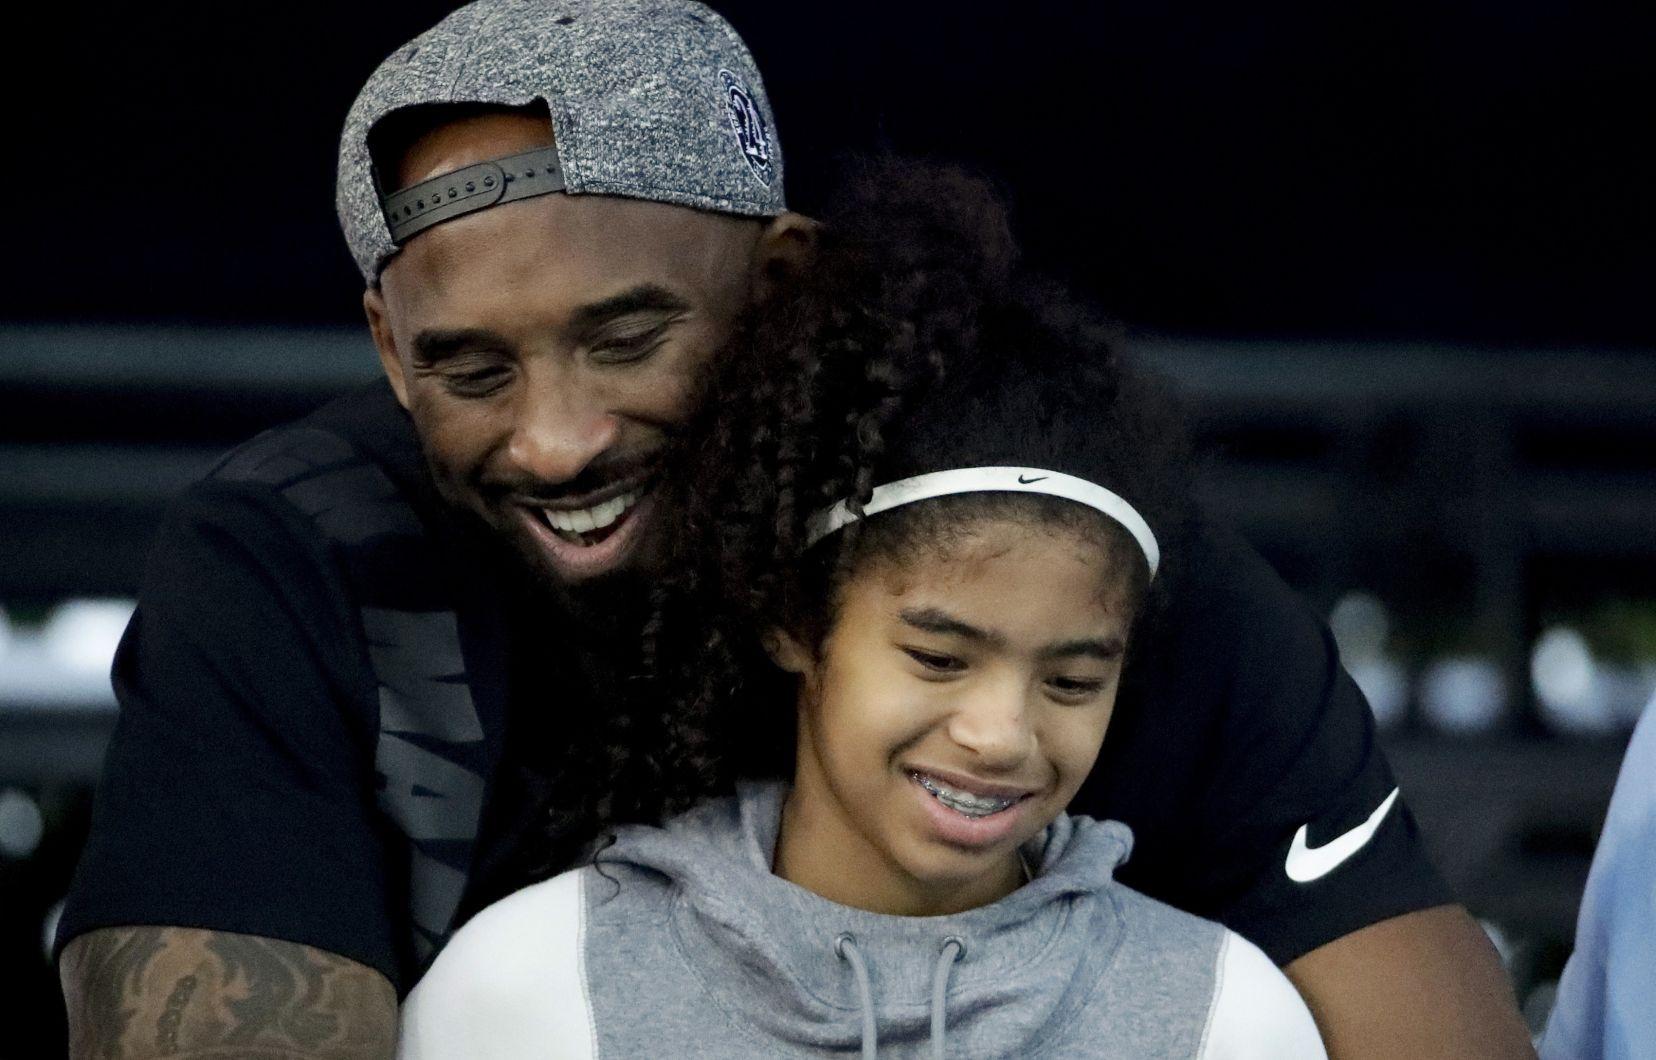 La Famille Nba Est Dévastée» Par Le Décès De Kobe Bryant tout Ce Soir On Joue En Famille 3